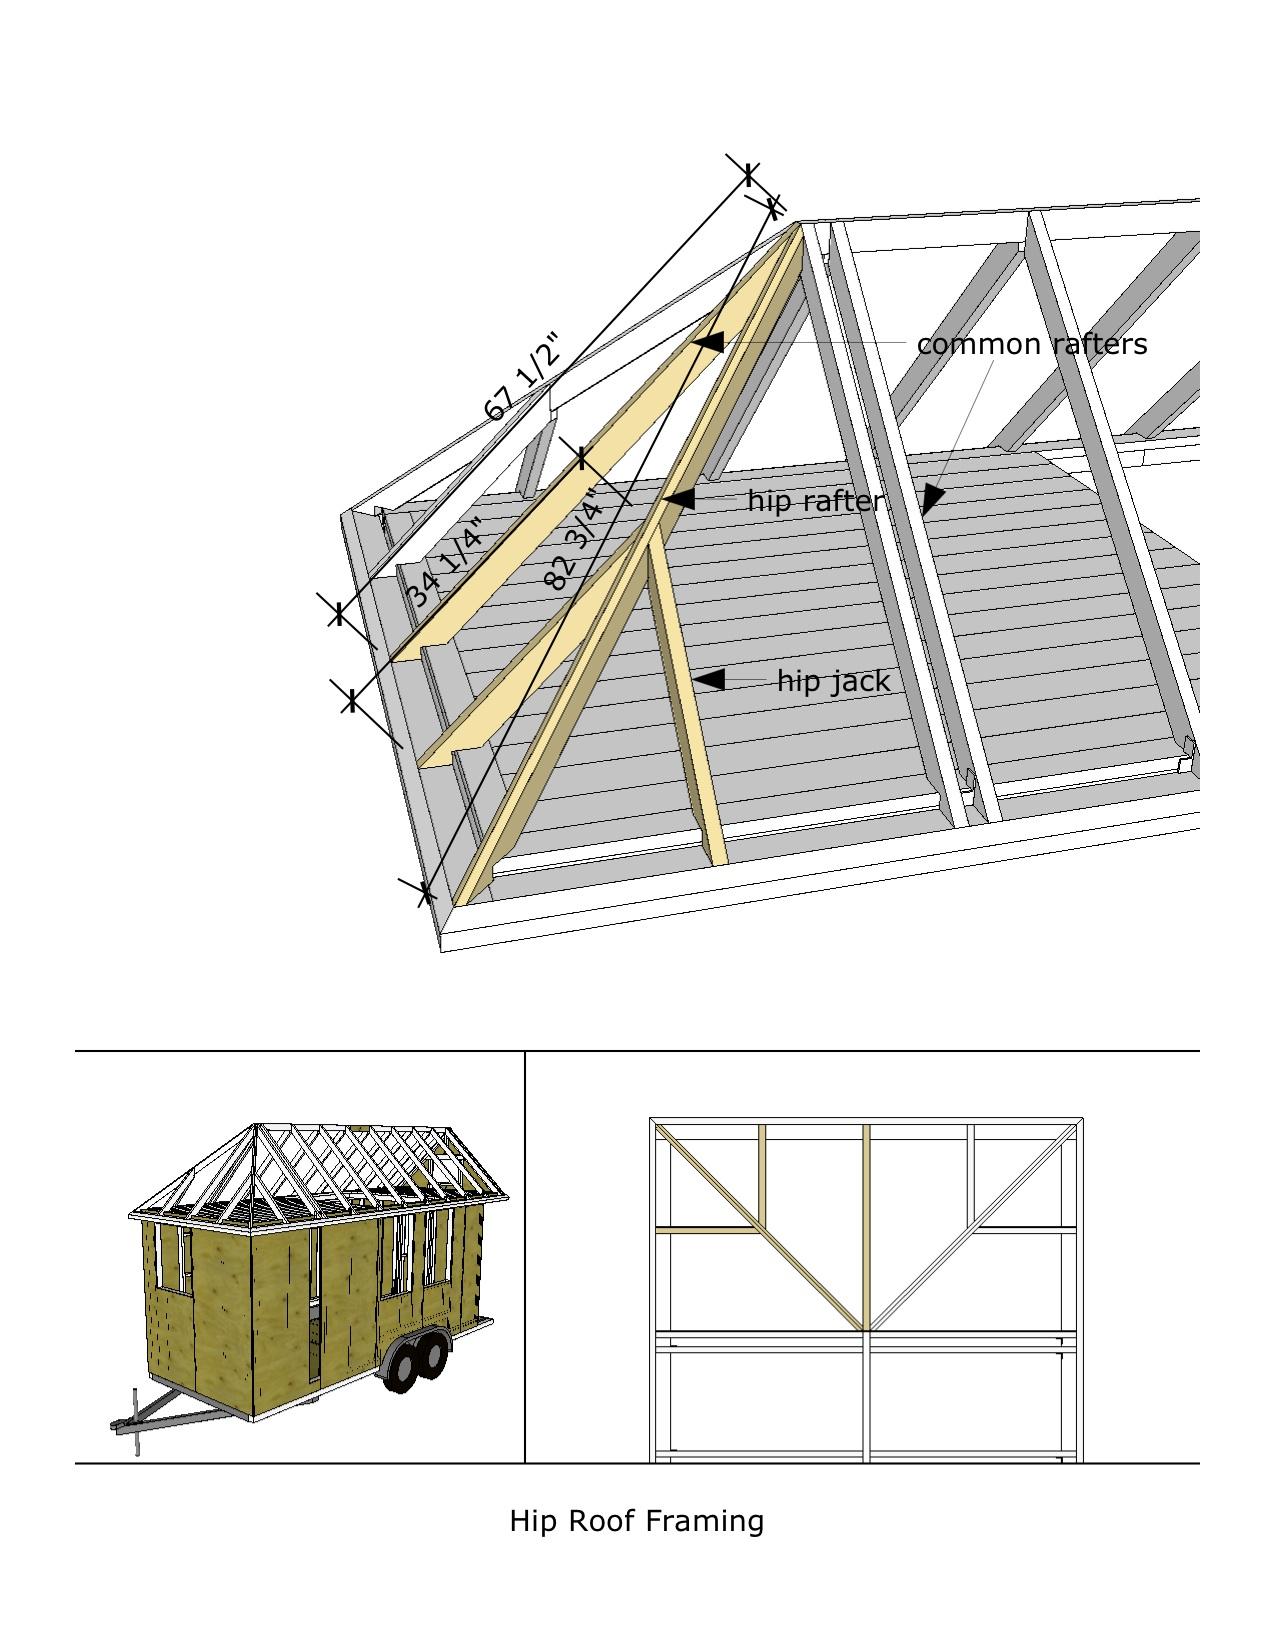 Caspar cottage 8 20 hip roof framing for Hip roof porch plans